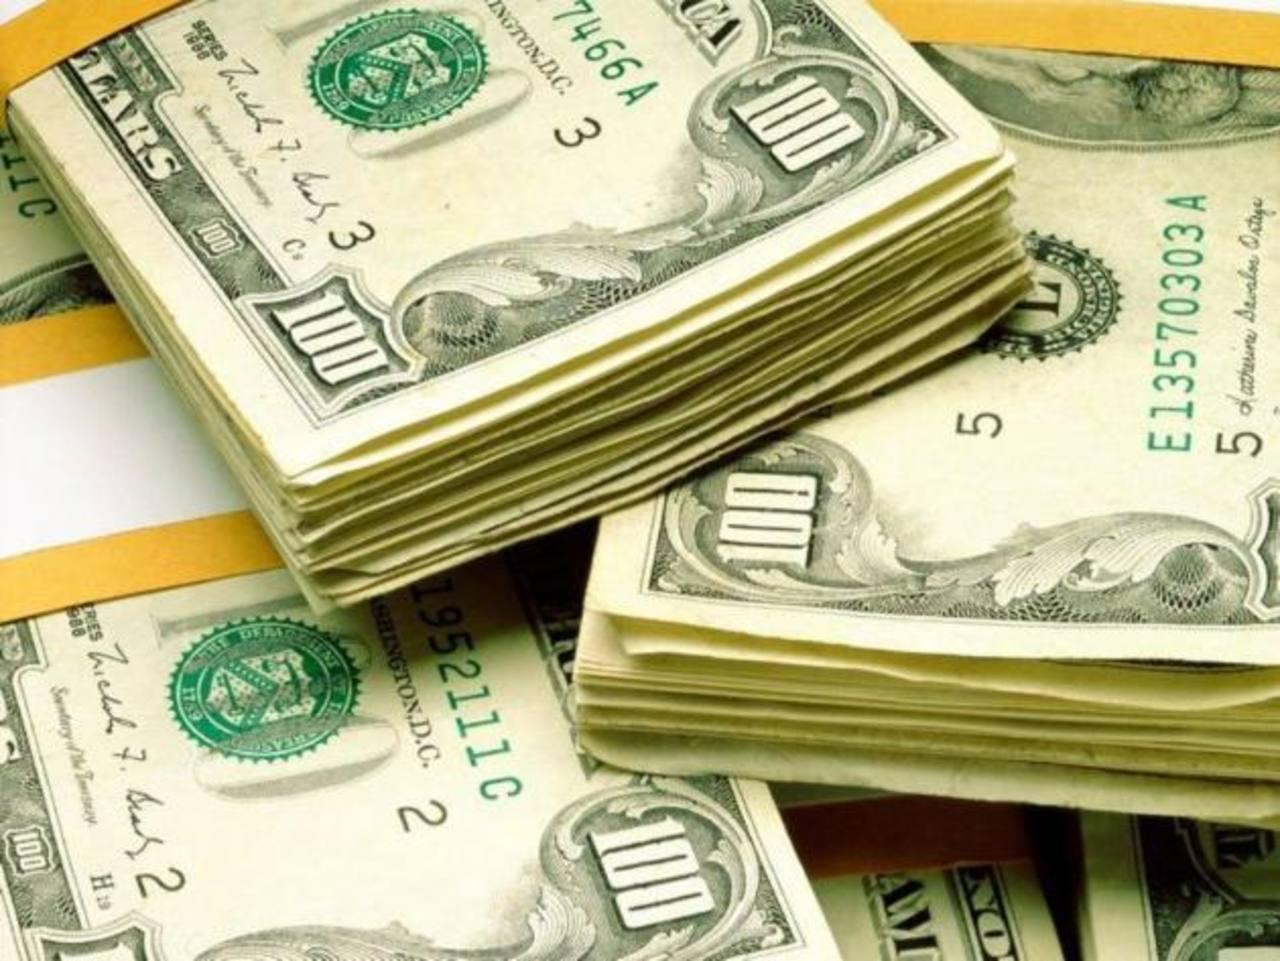 Hacienda ha elevado el saldo de las Letras del Tesoro debido a la falta de dinero para pagar sus gastos. foto EDH/archivo